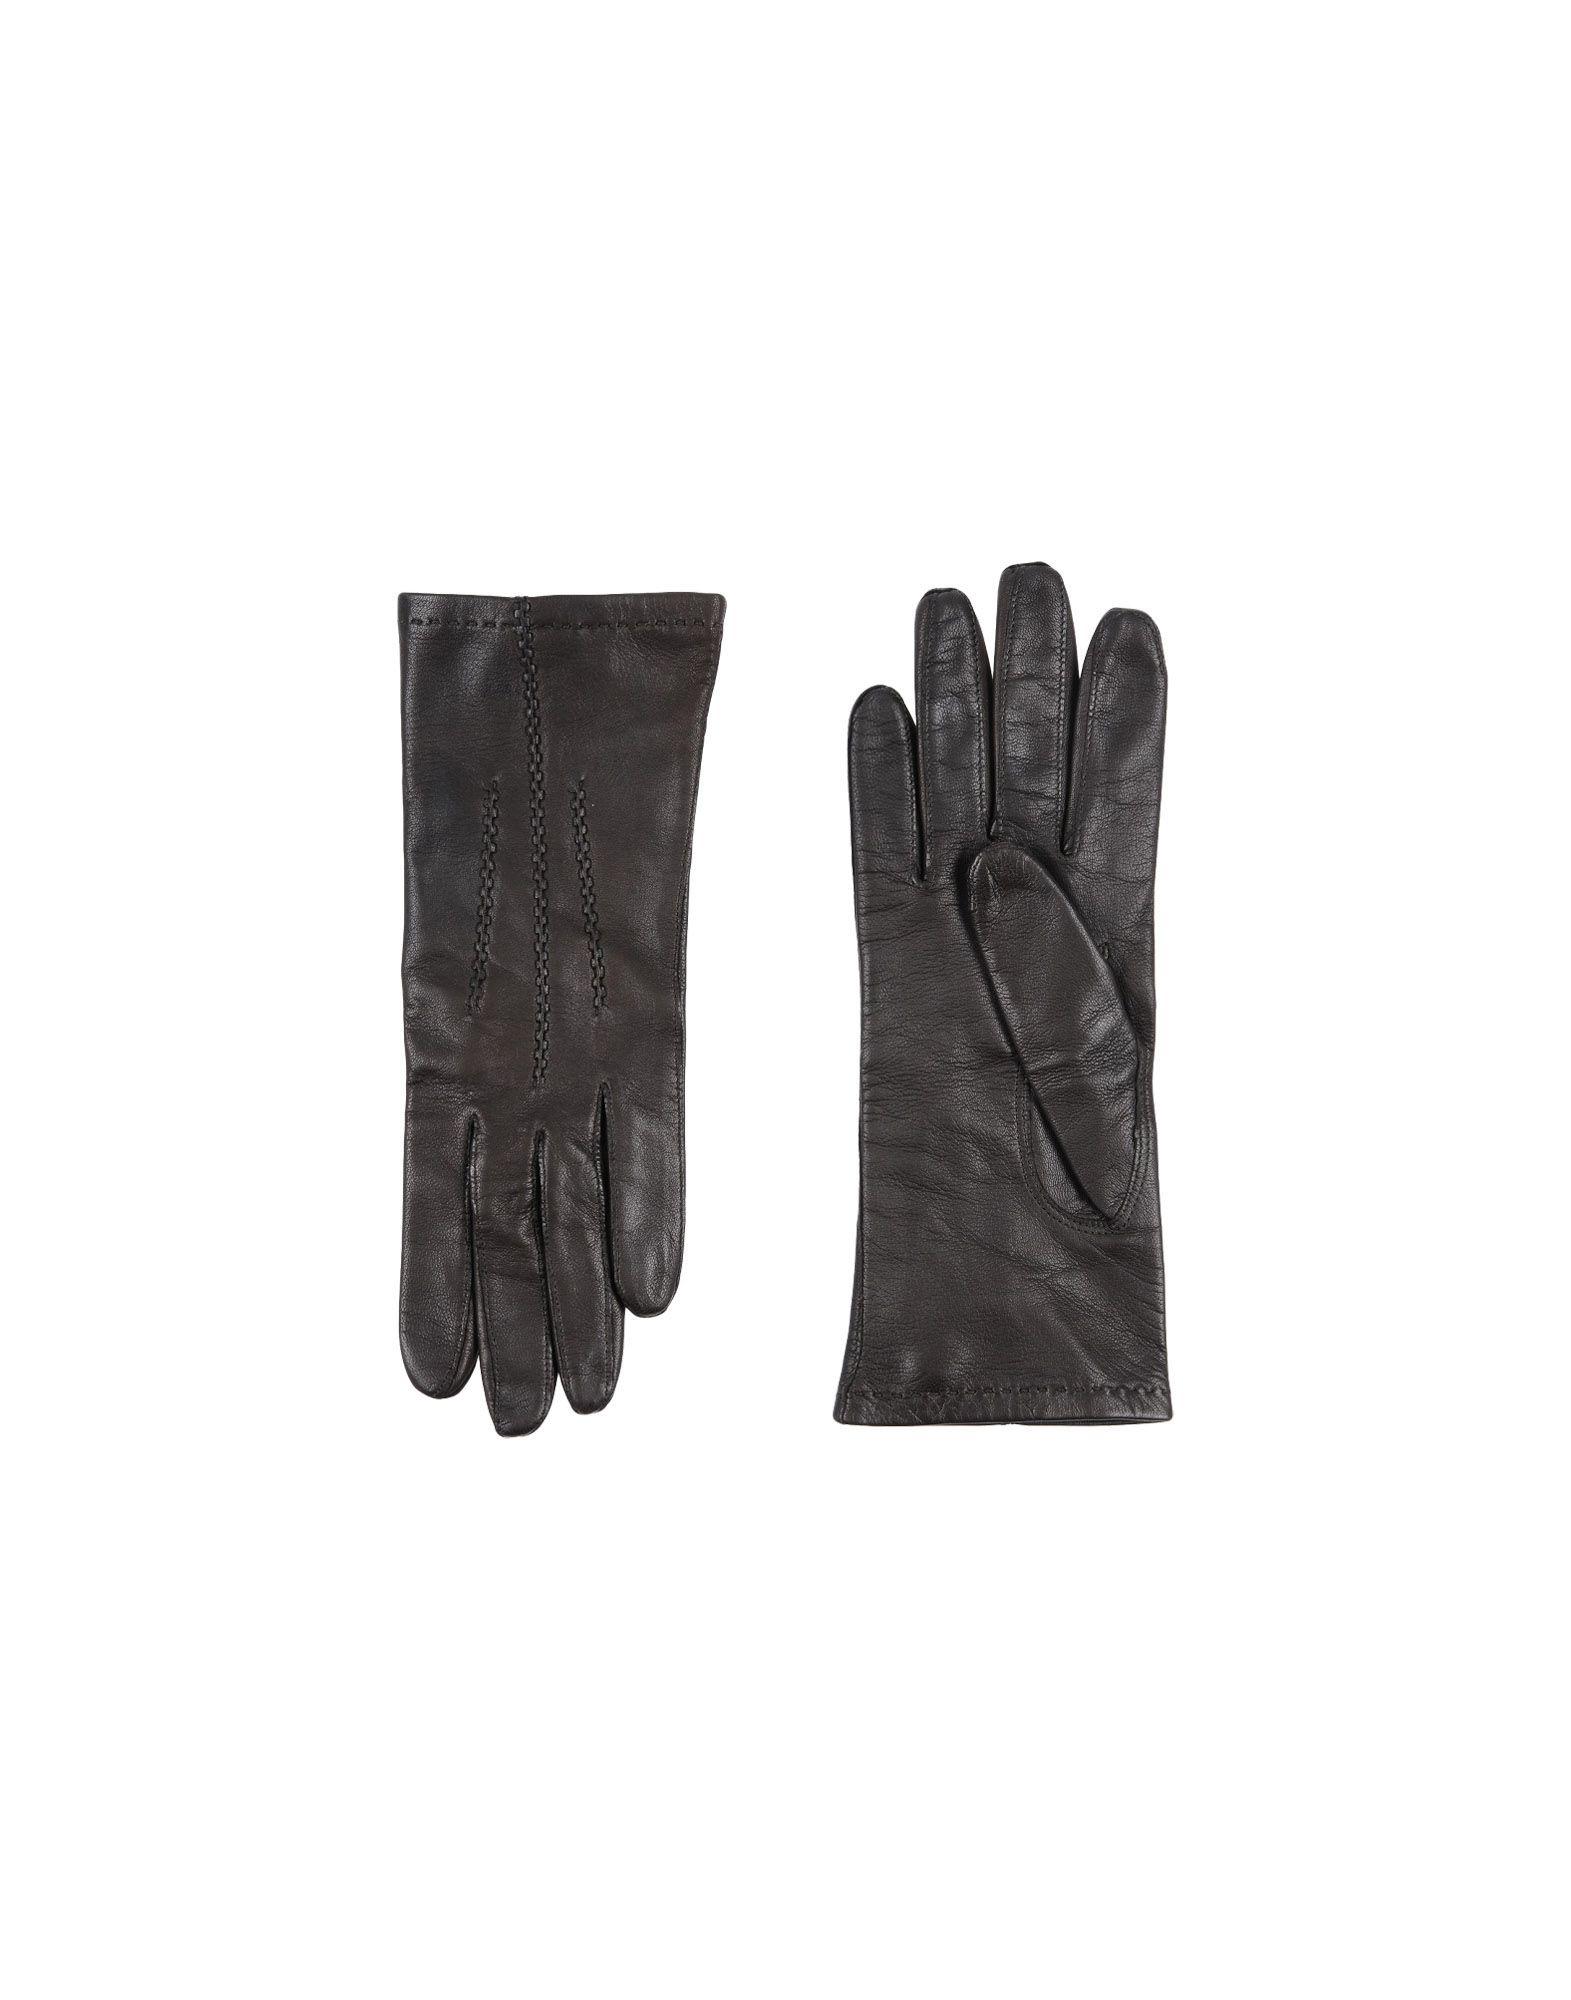 CAUSSE GANTIER Gloves in Dark Brown